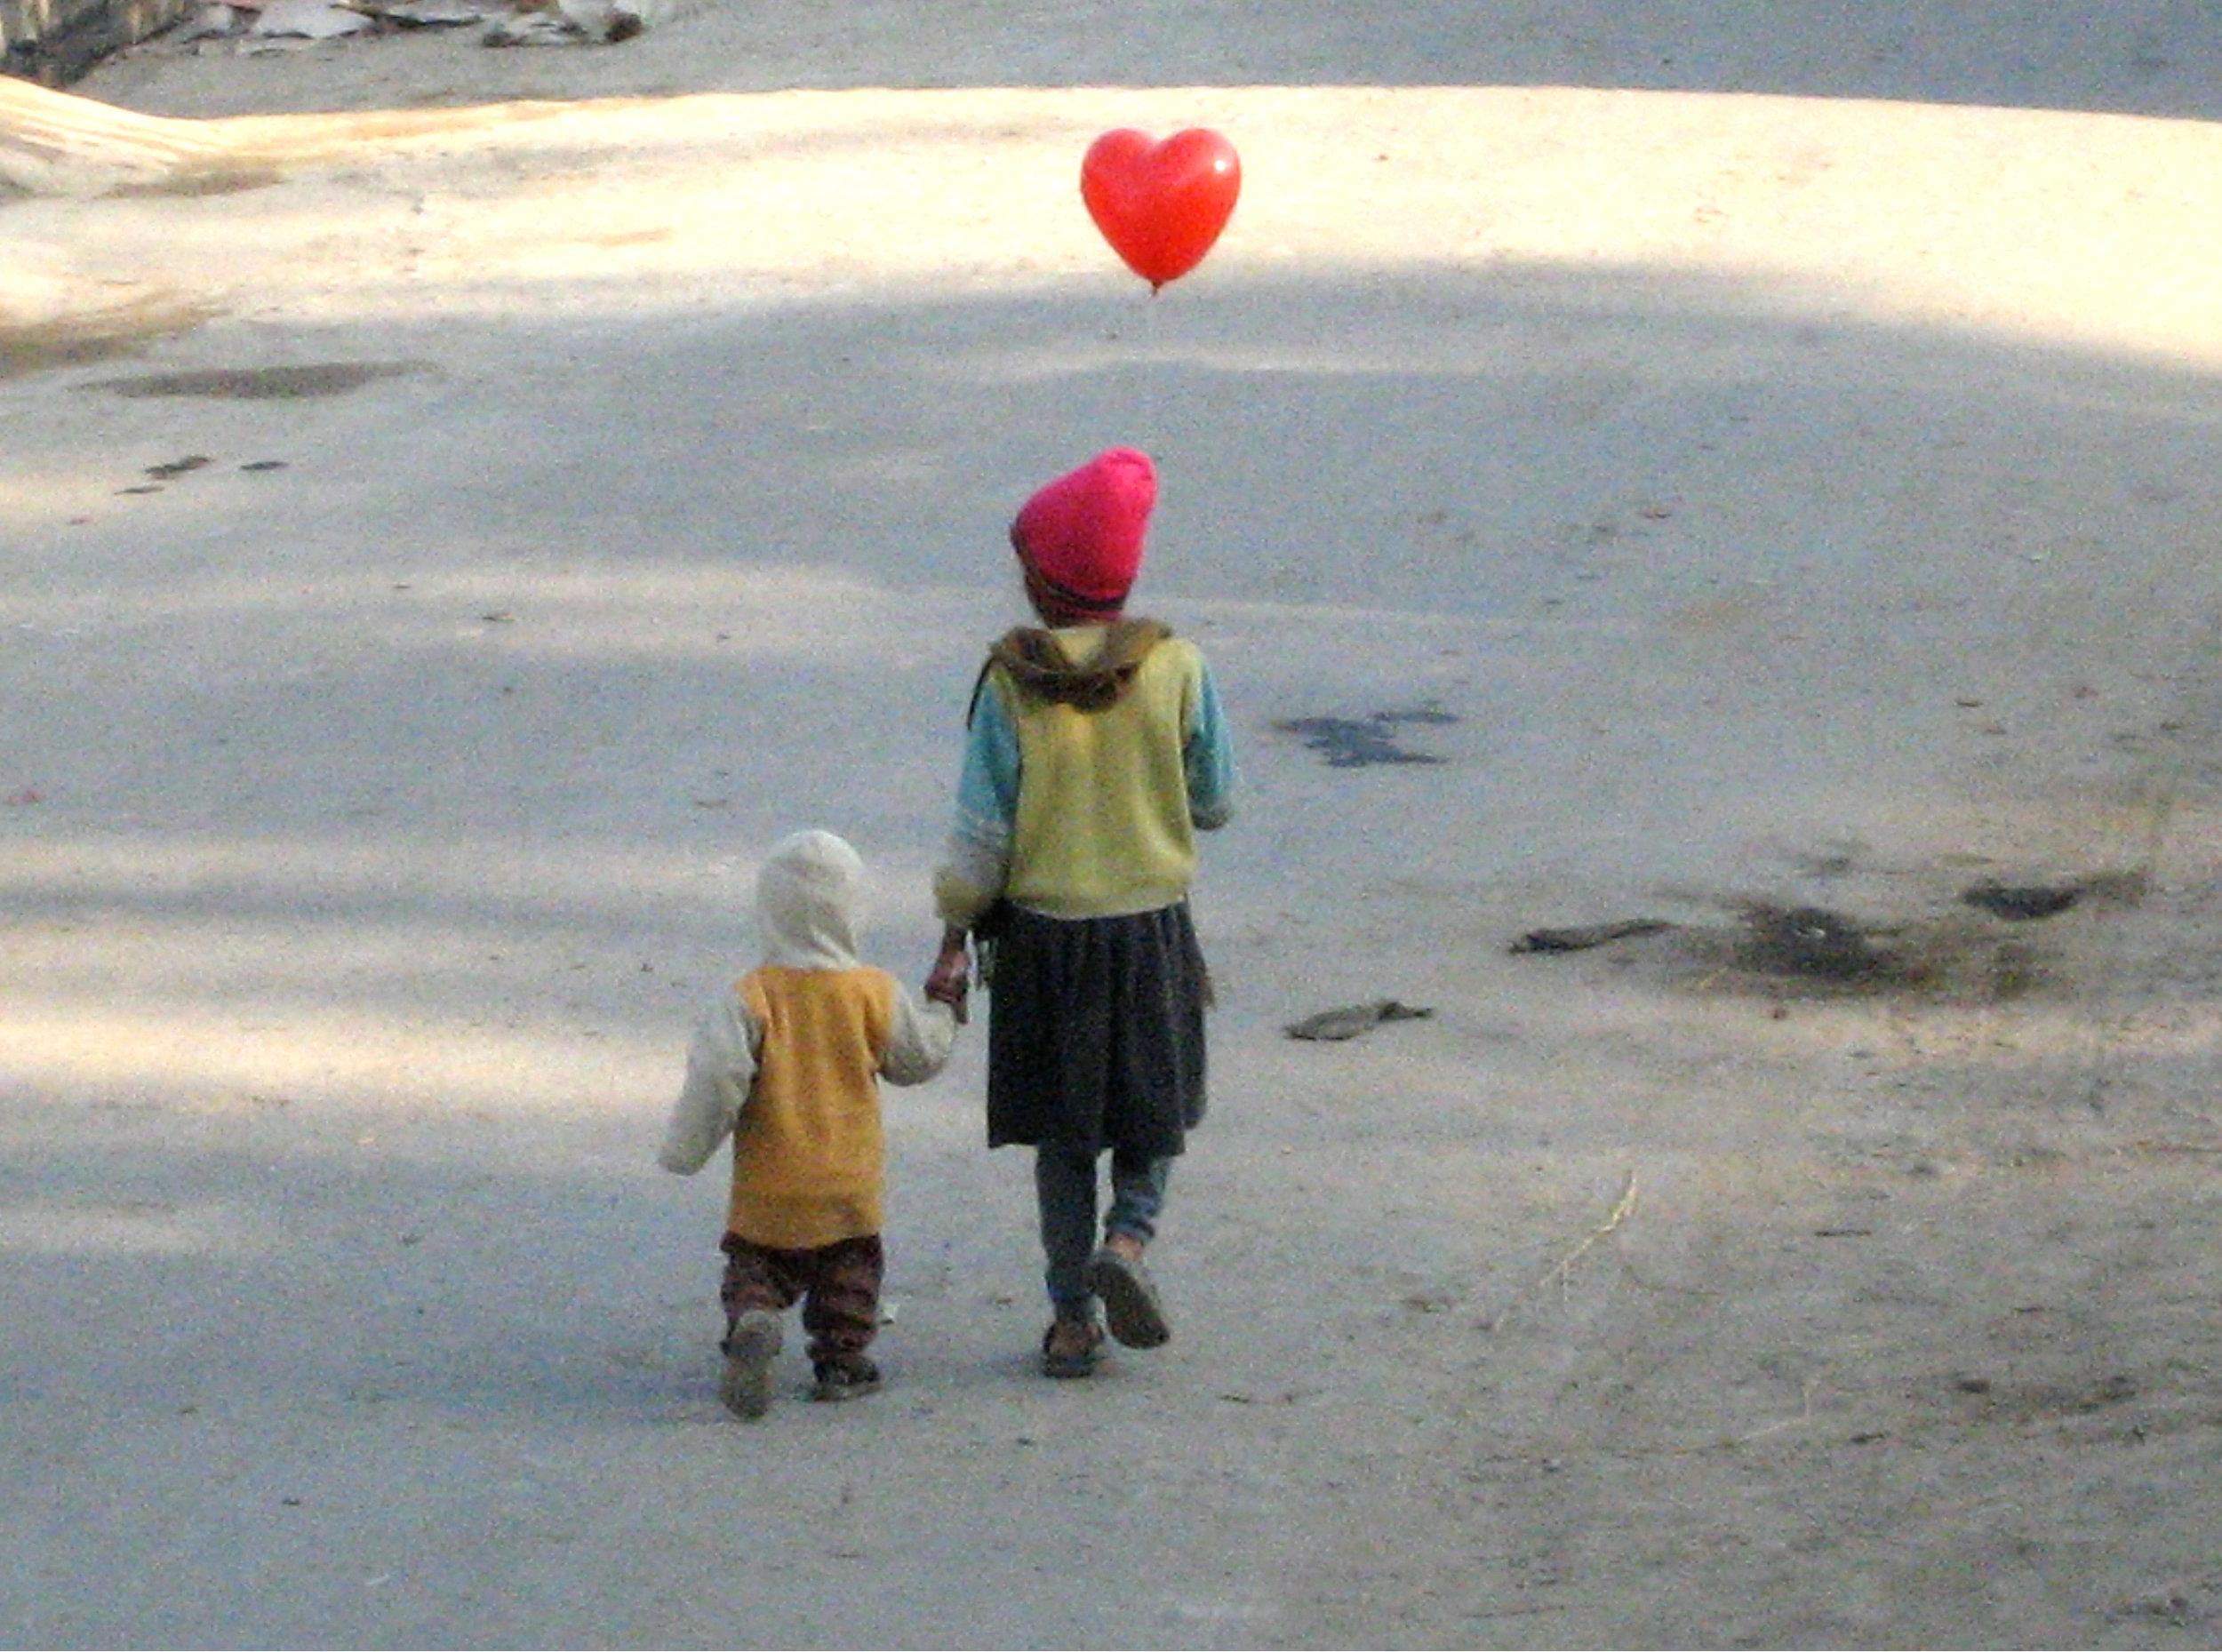 heart balloon.jpg